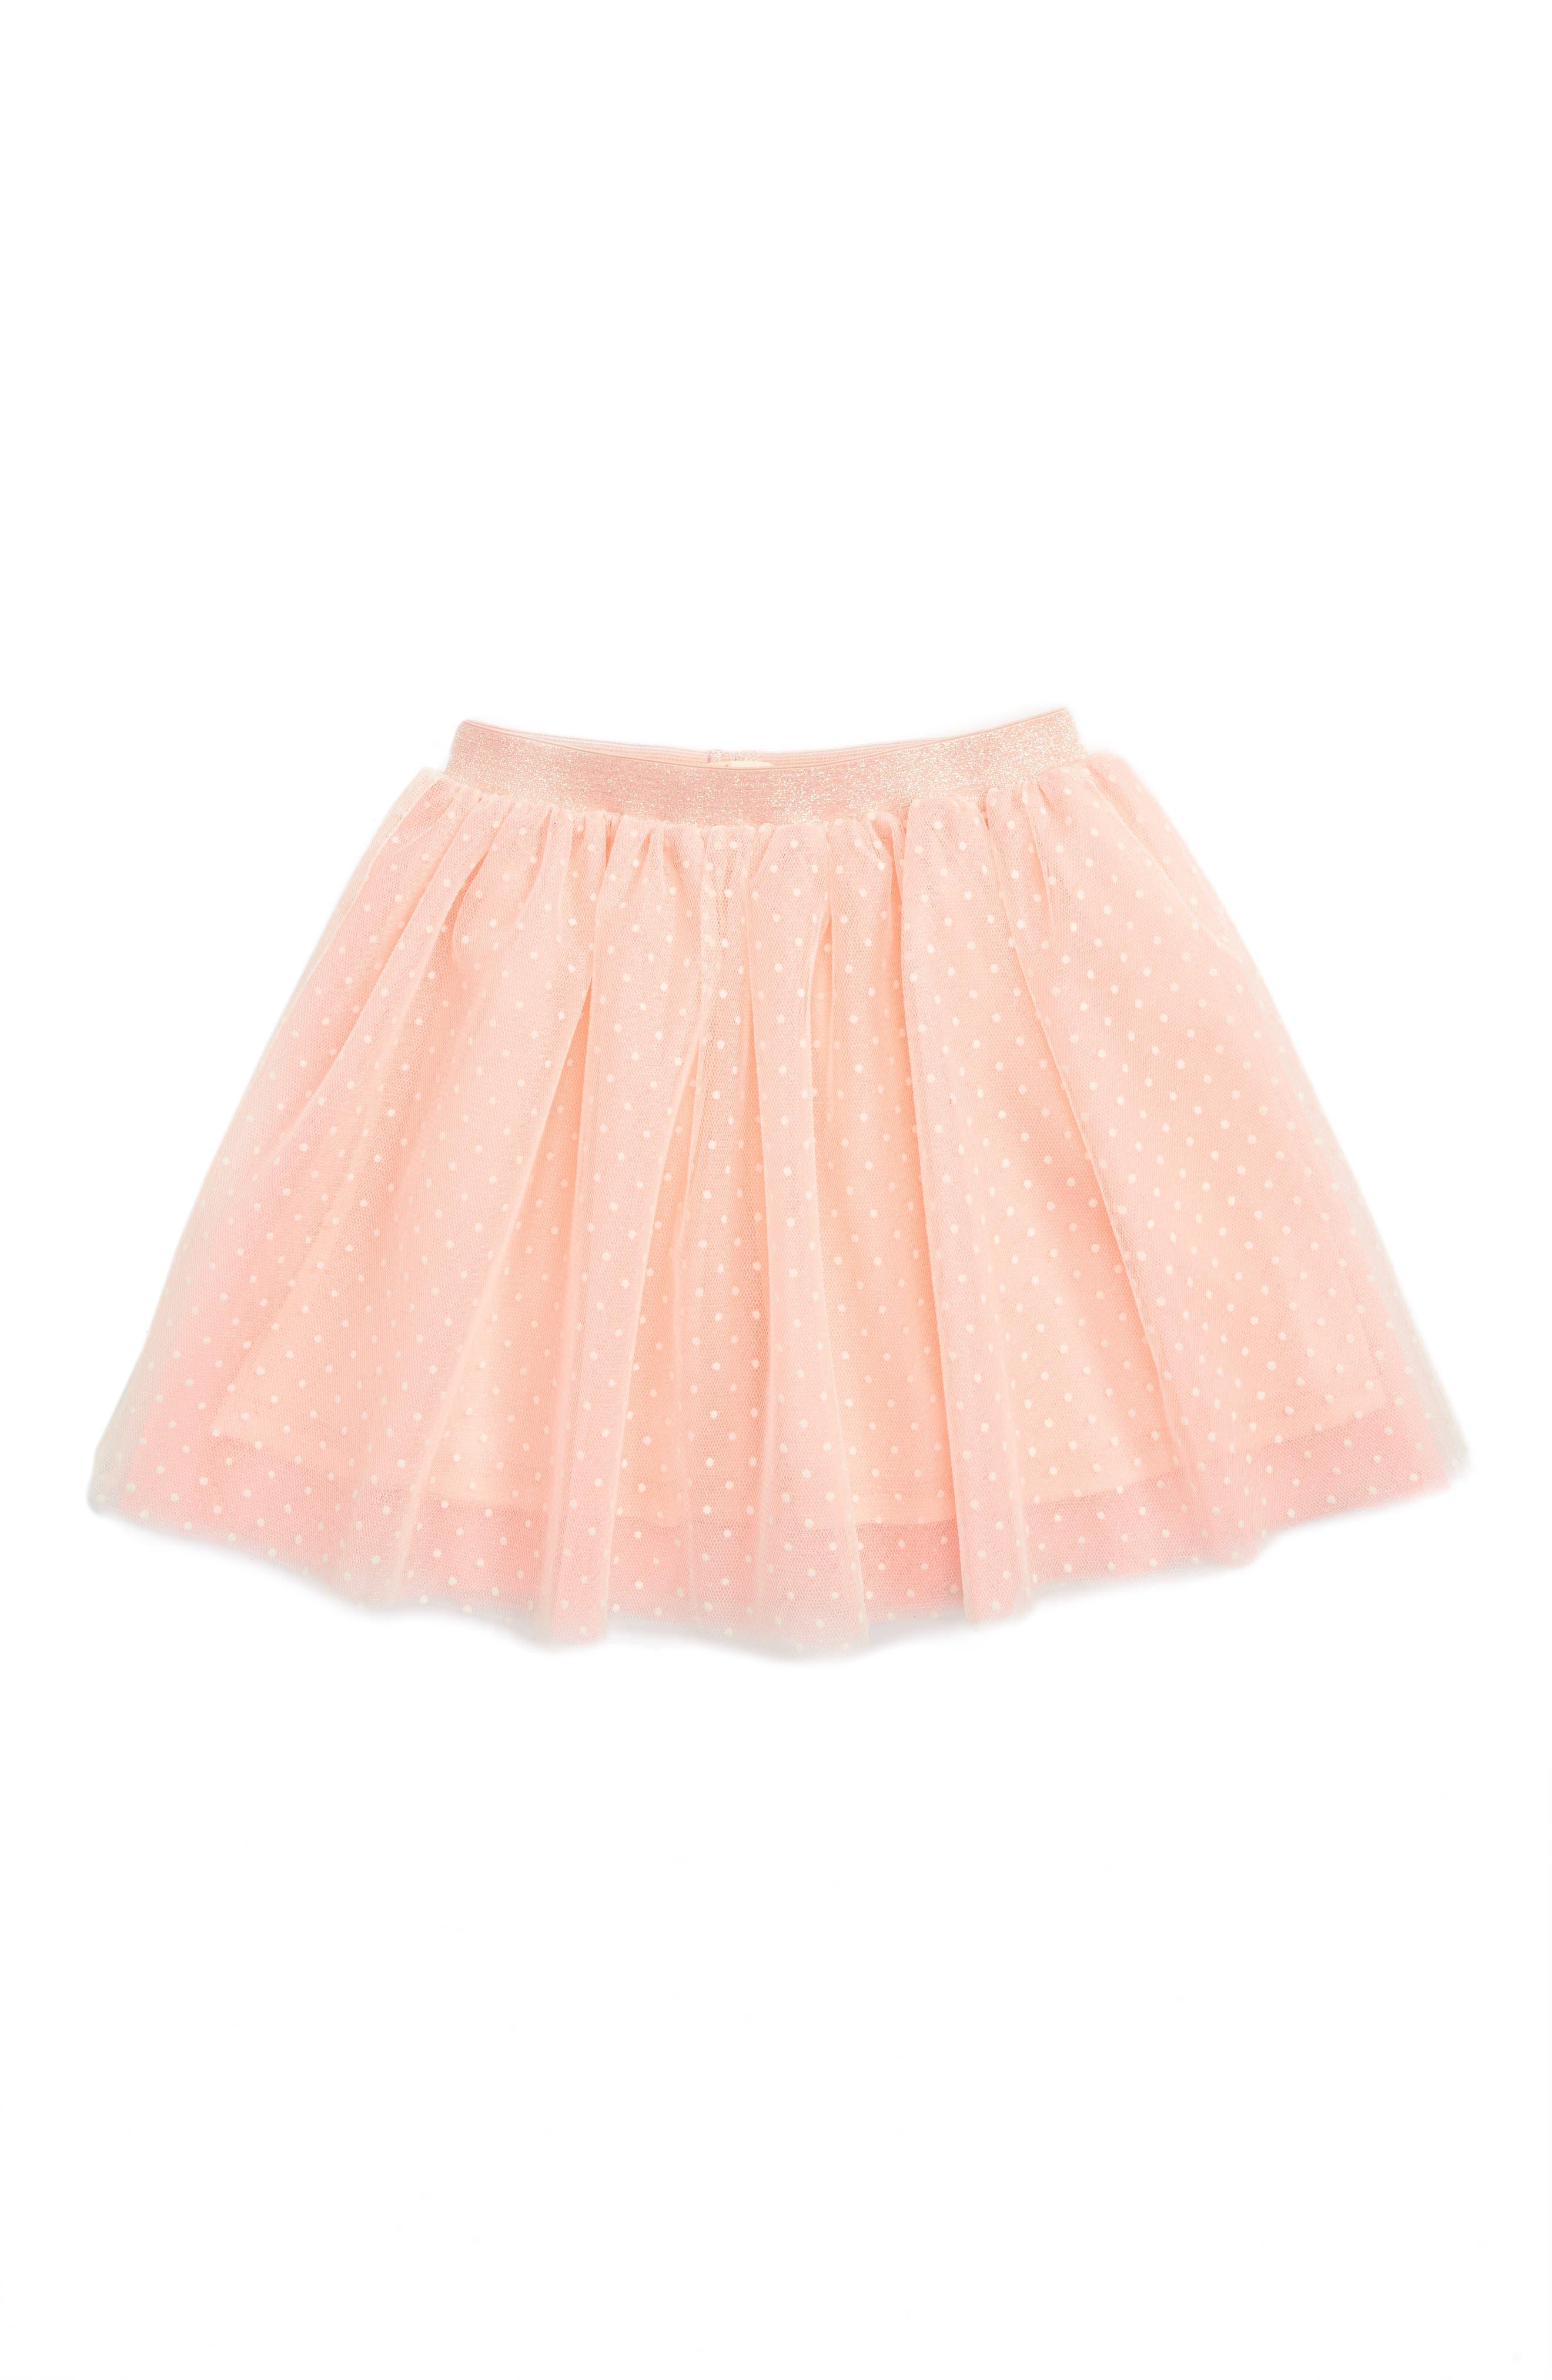 Truly Me Polka Dot Tutu Skirt (Toddler Girls & Little Girls)